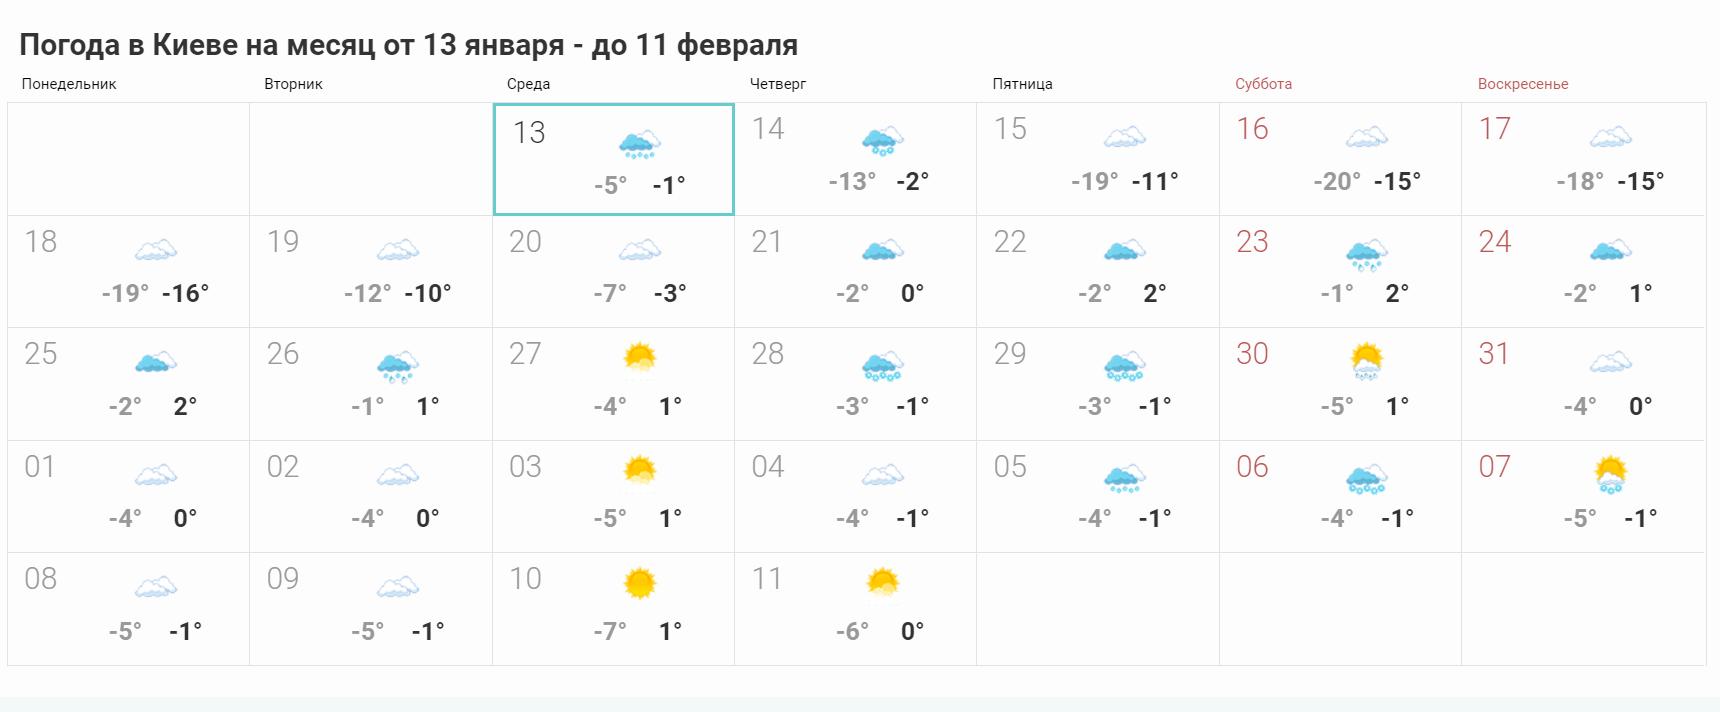 Прогноз погоды на месяц в Киеве